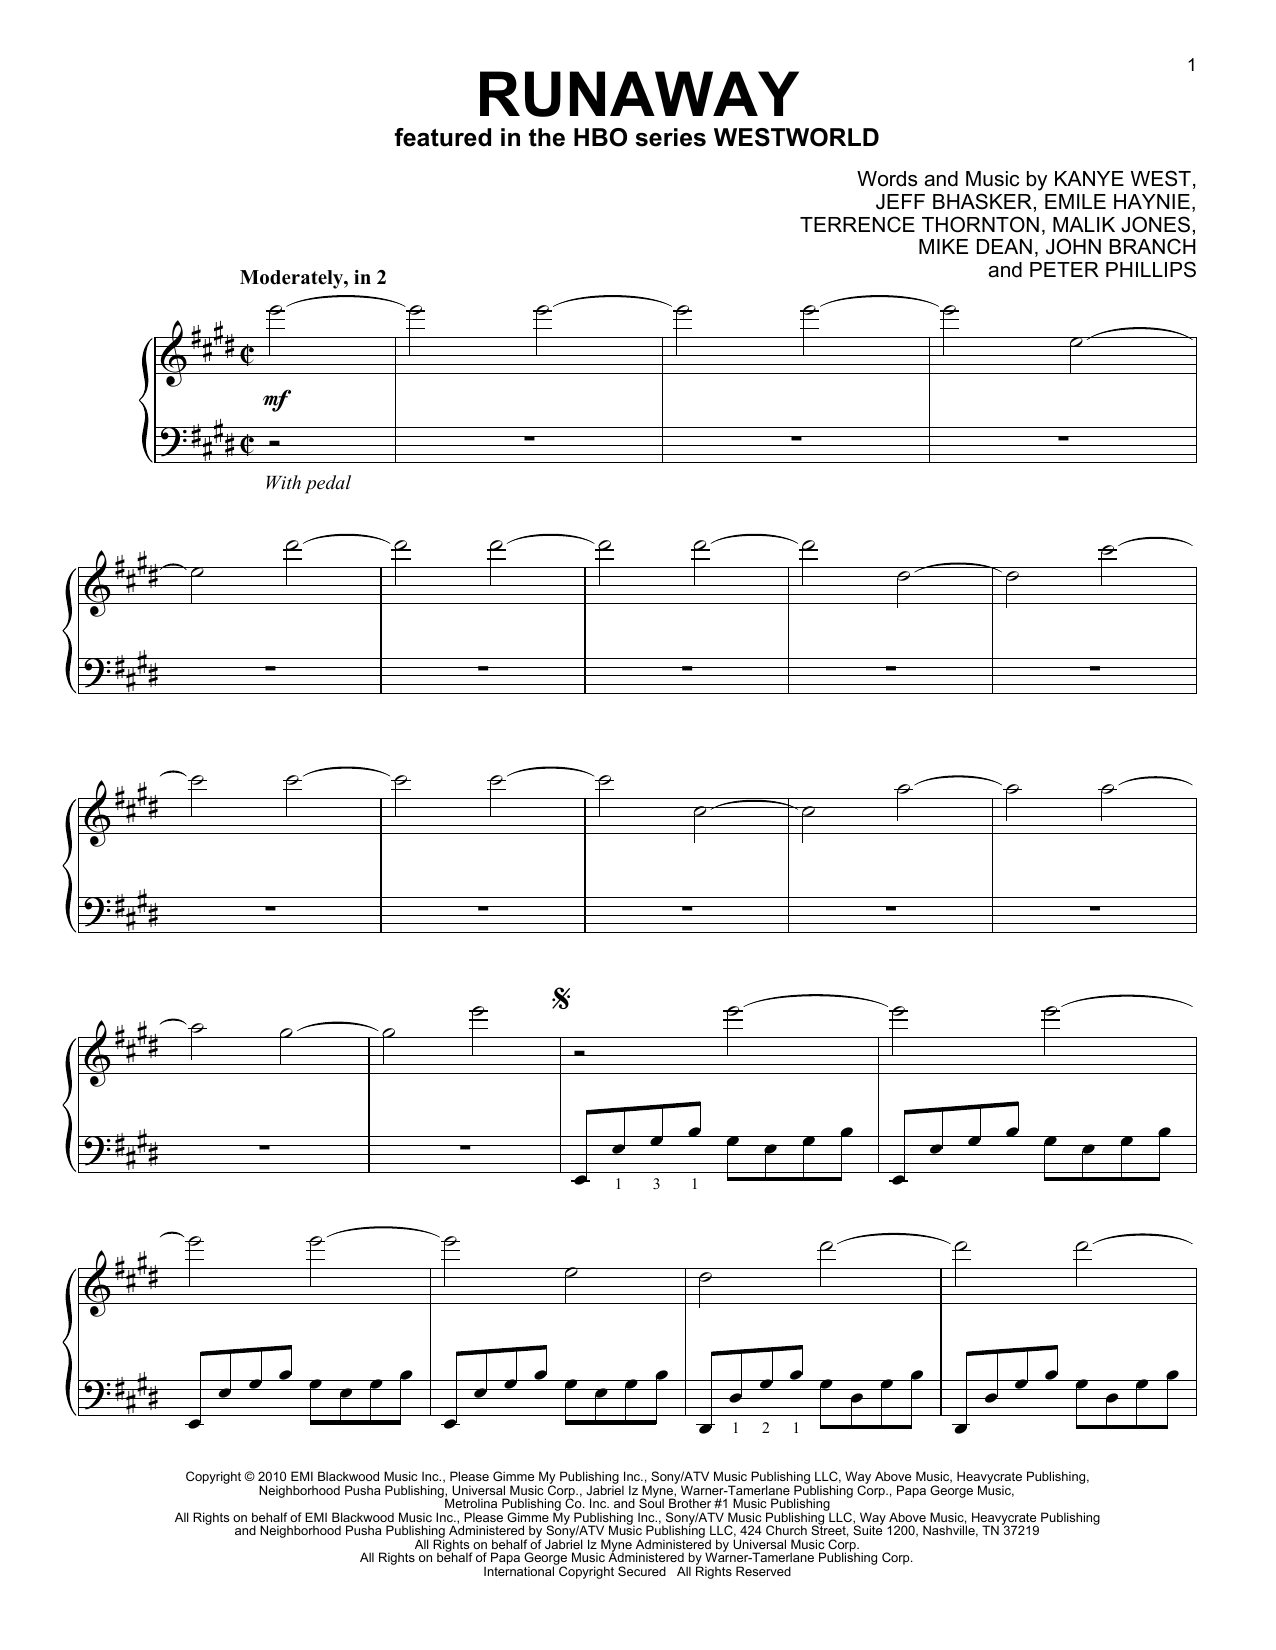 Ramin Djawadi Runaway (from Westworld) sheet music notes and chords. Download Printable PDF.